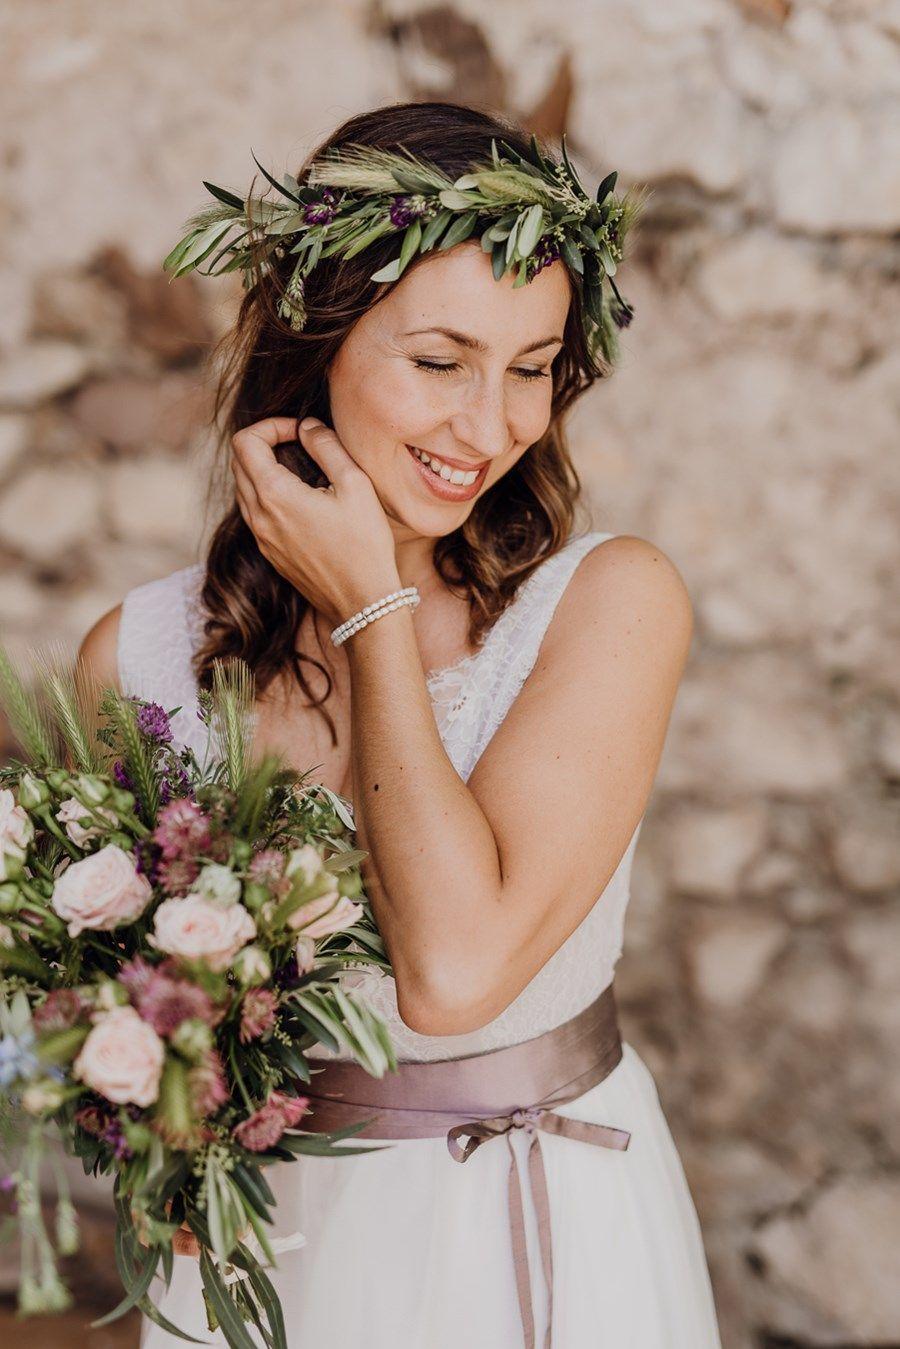 Brautfrisur Mit Offenen Haaren Und Olivenkranz Blumenmadchen Kleid Hochzeit Braut